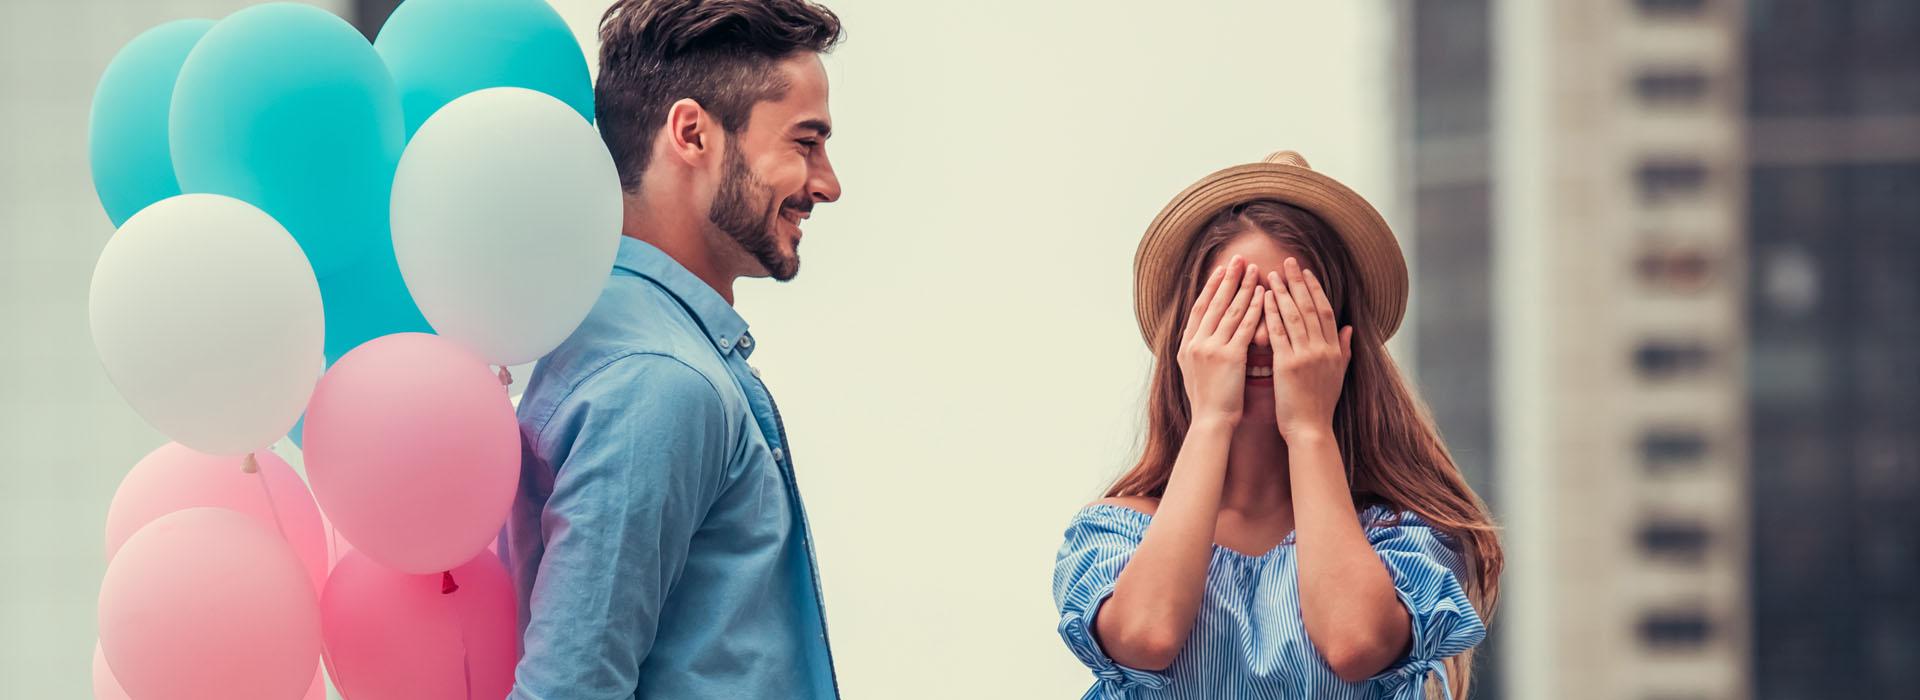 用取捨的智慧,找回親密關係中的質感